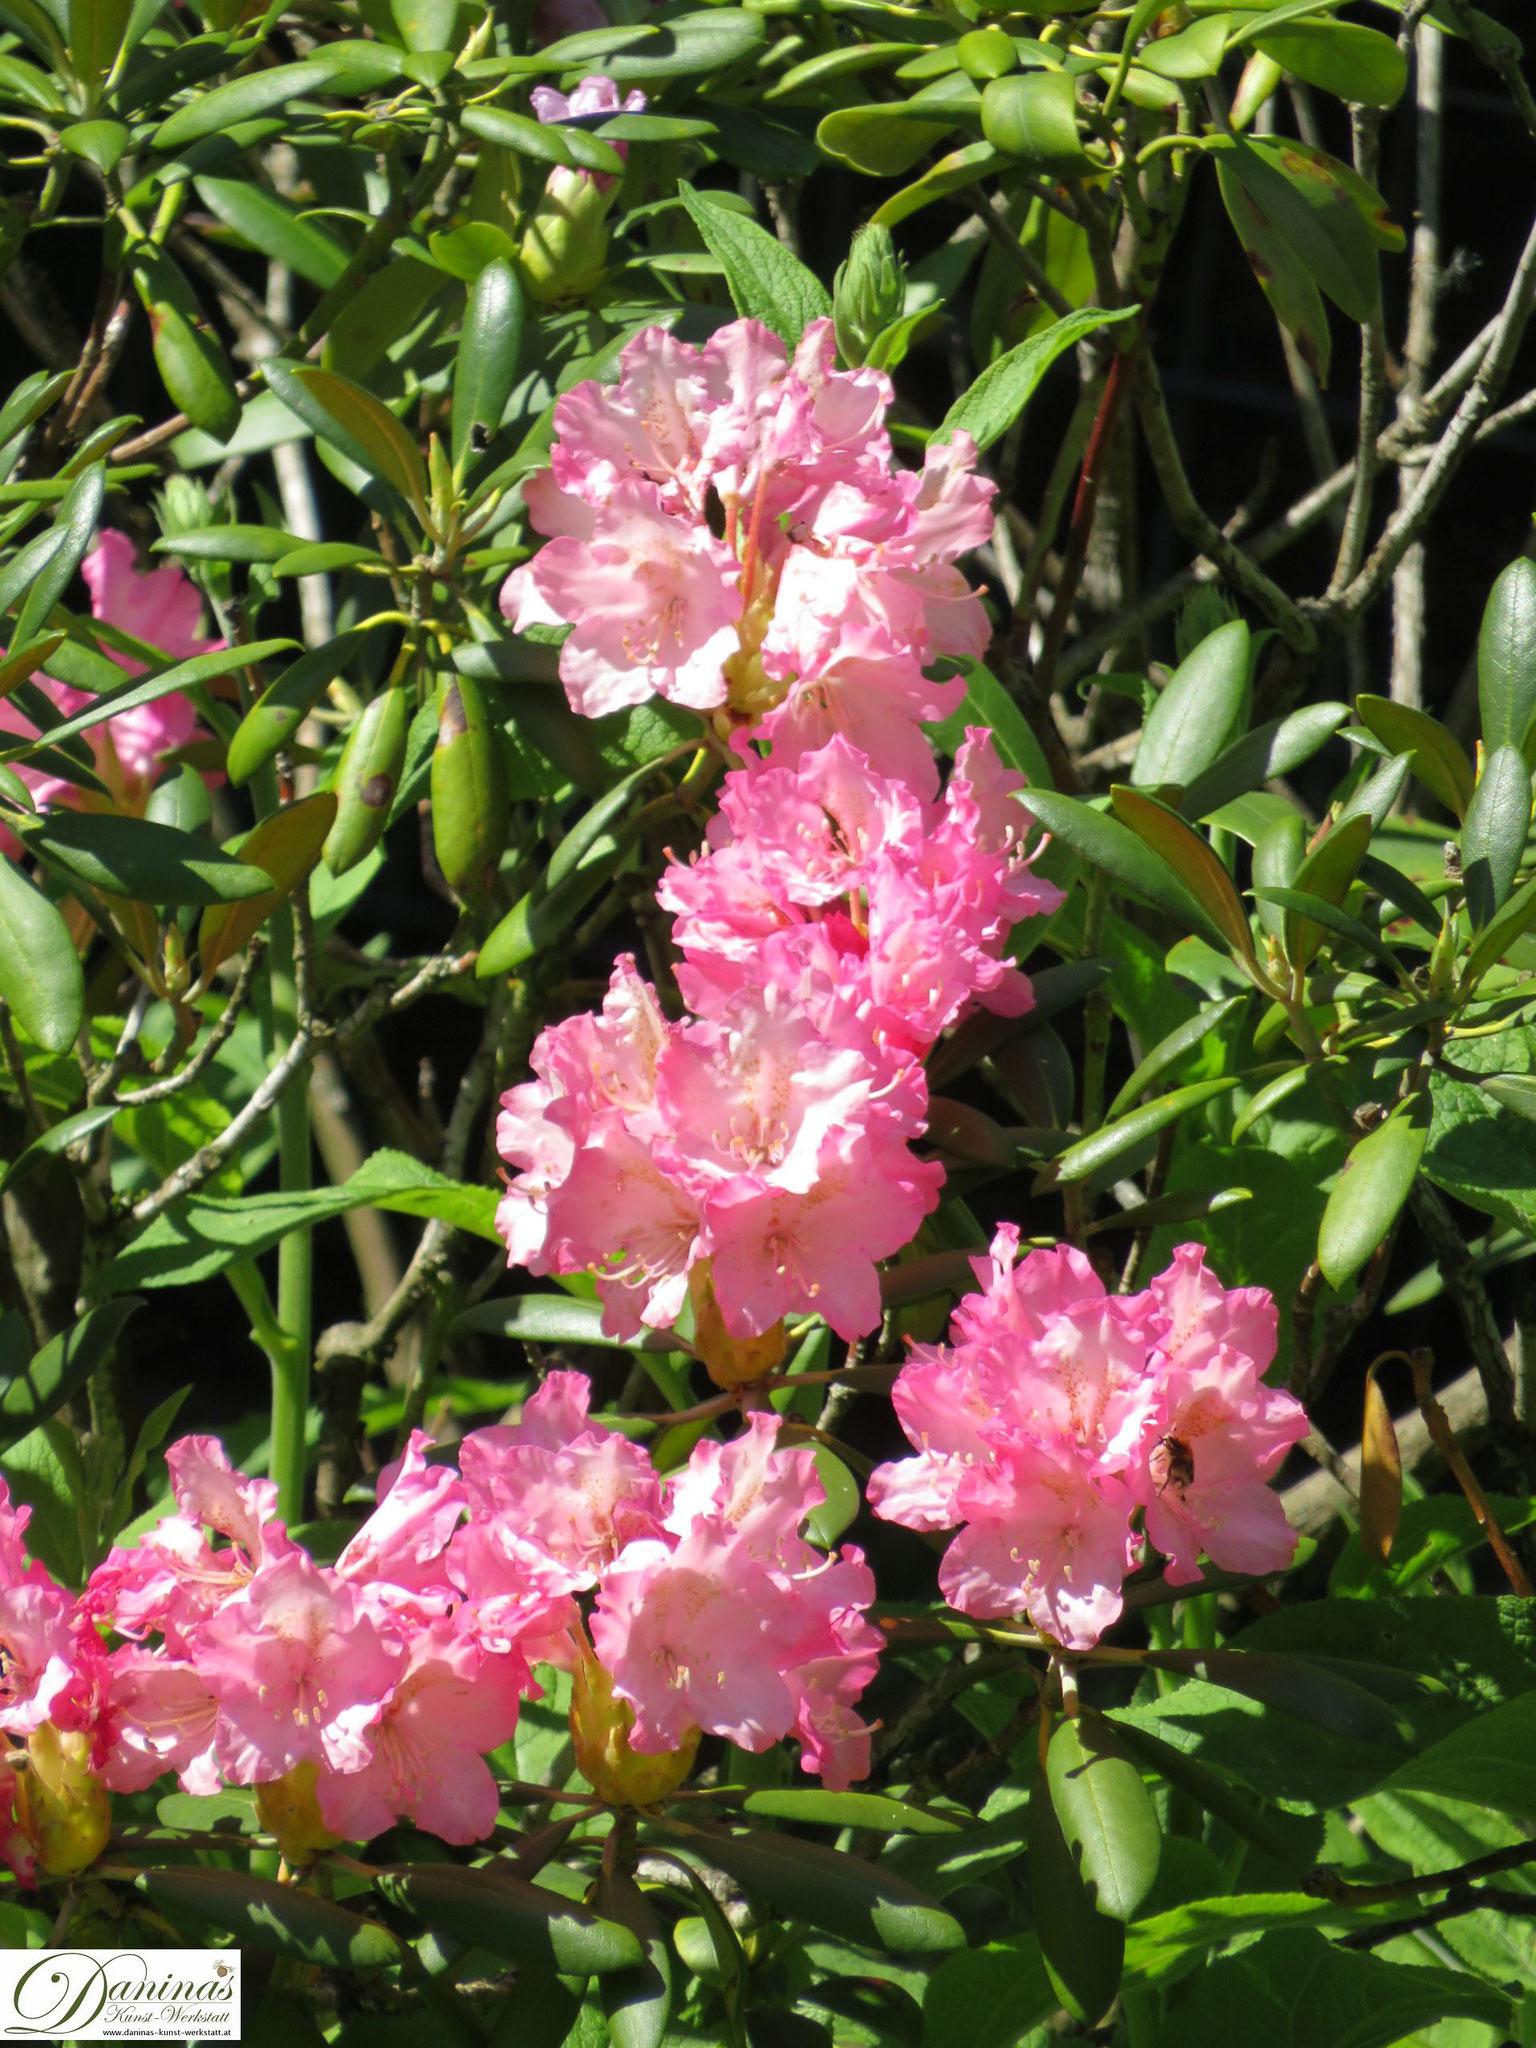 Rhododendron rosa - Garten Impressionen im Frühsommer by Daninas-Kunst-Werkstatt.at